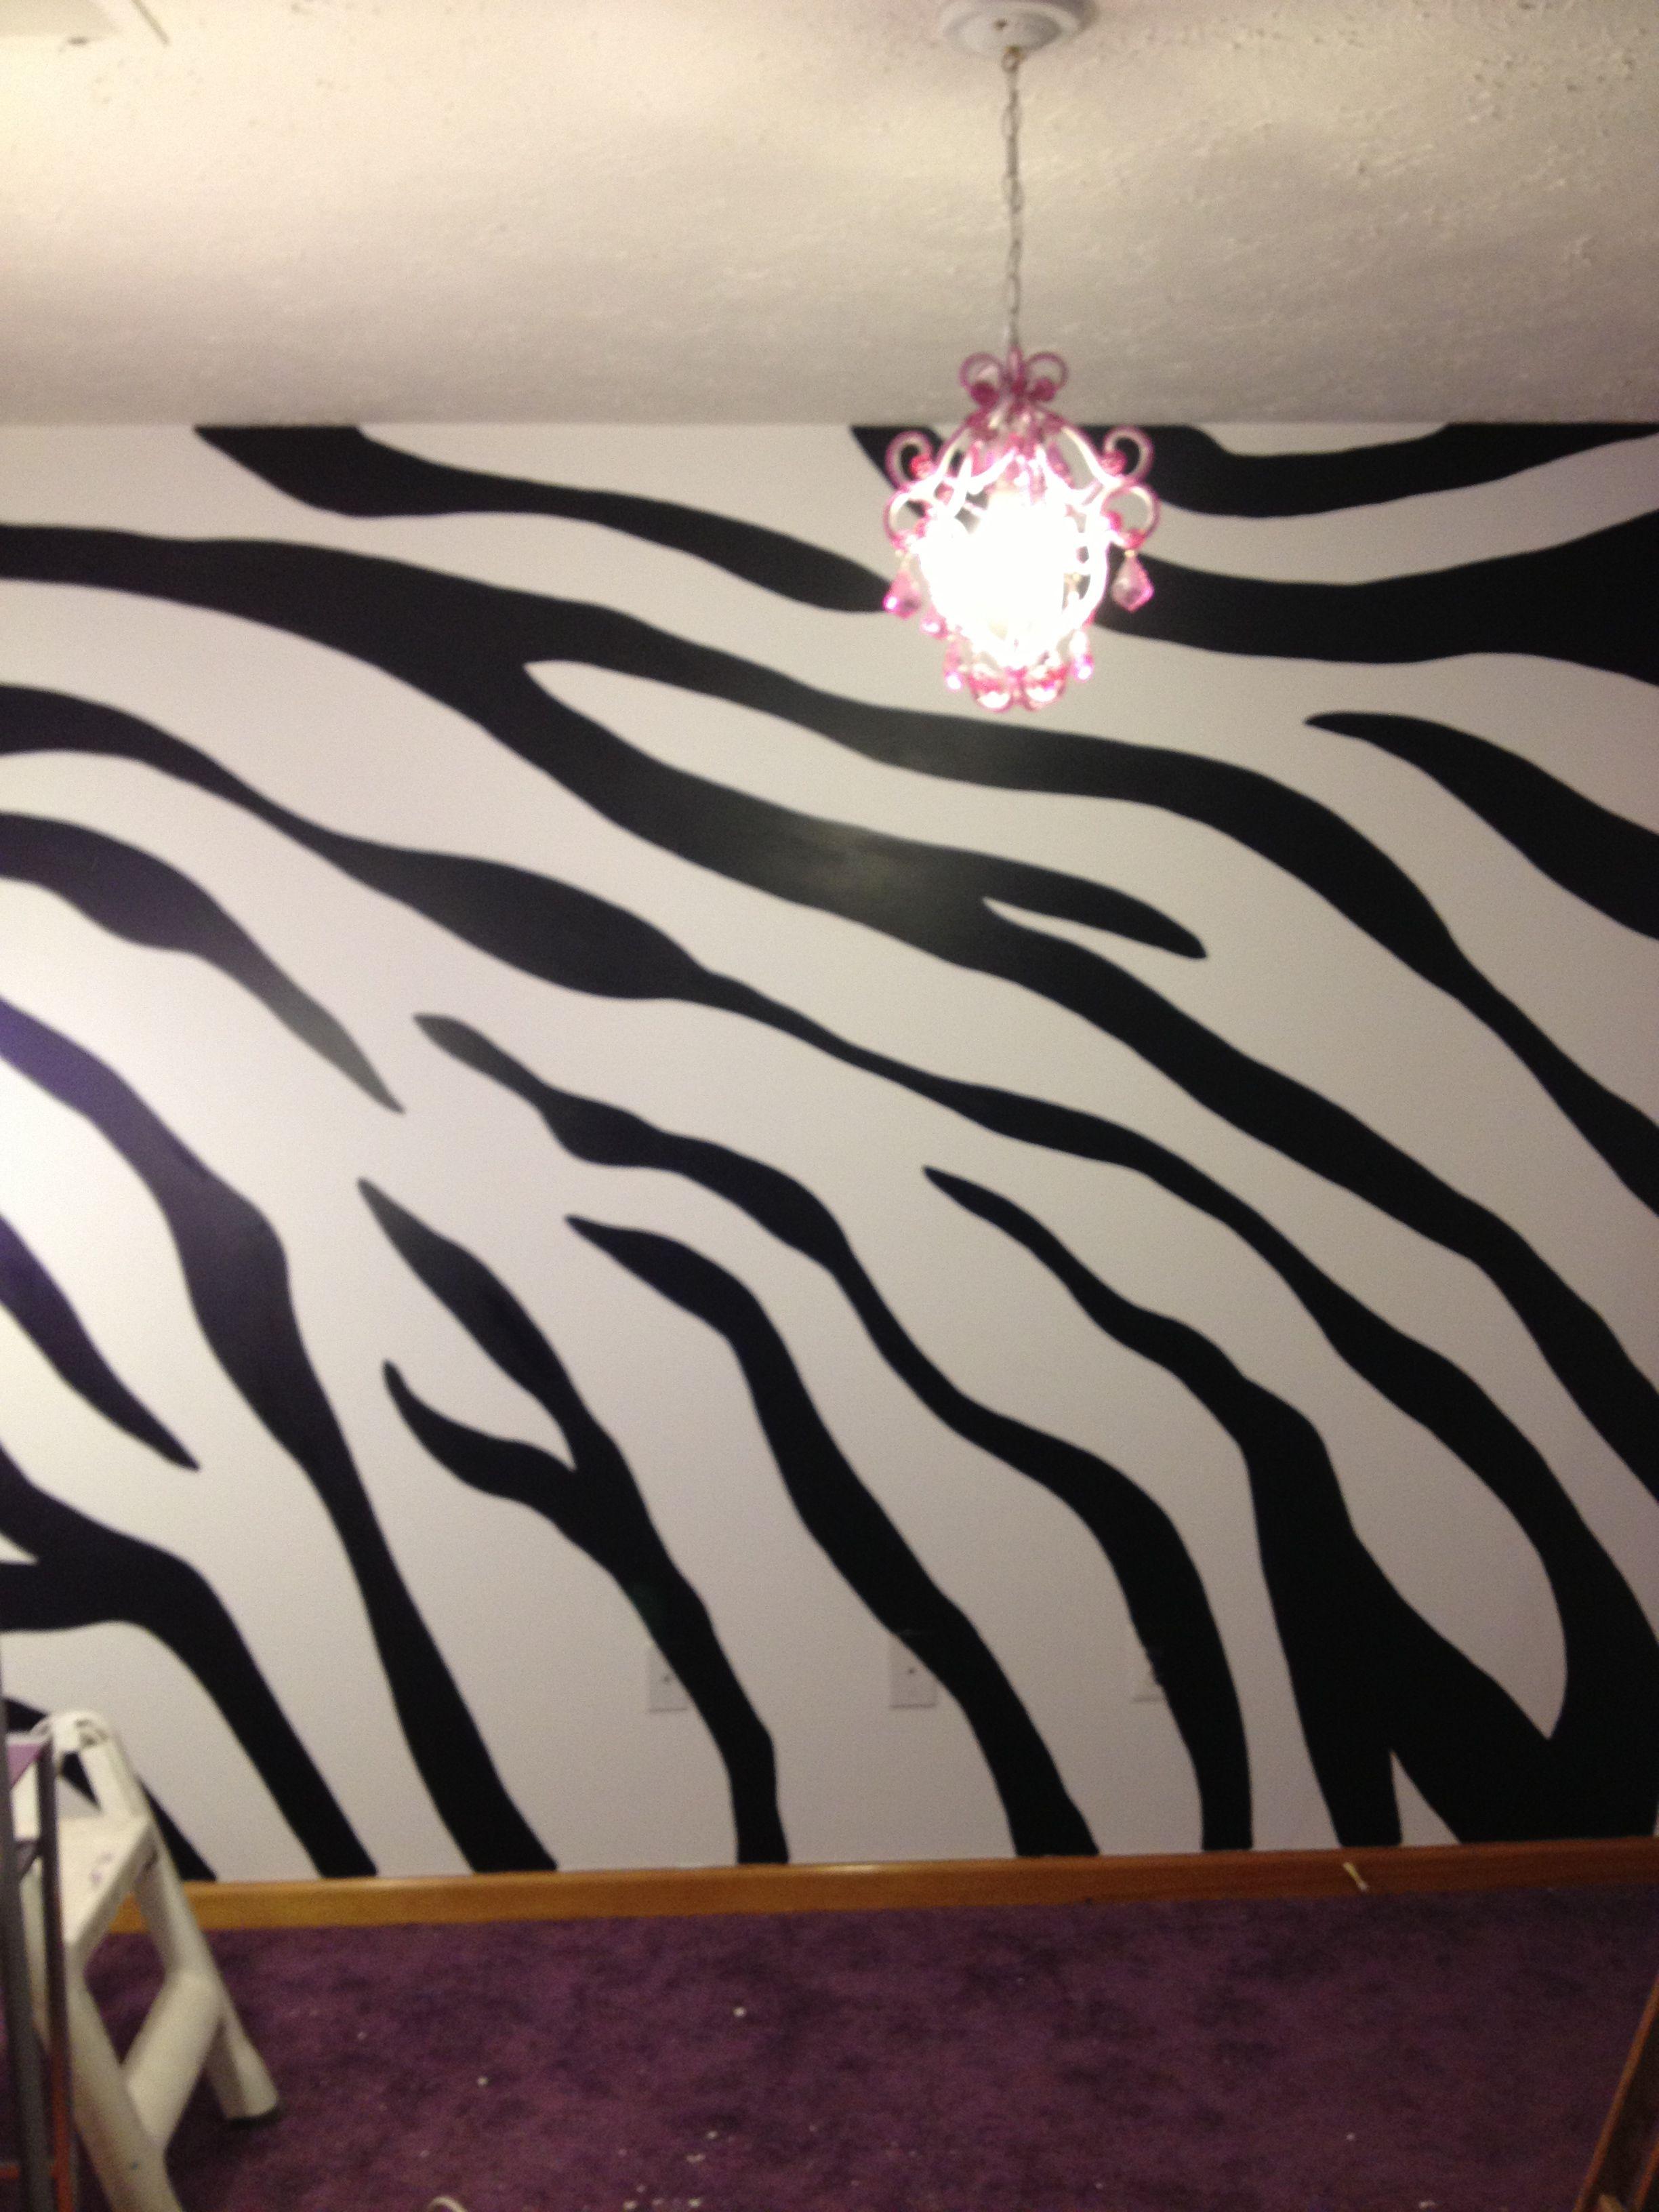 Zebra Stripe Wall Zebra Wall Zebra Wall Decor Zebra Print Walls